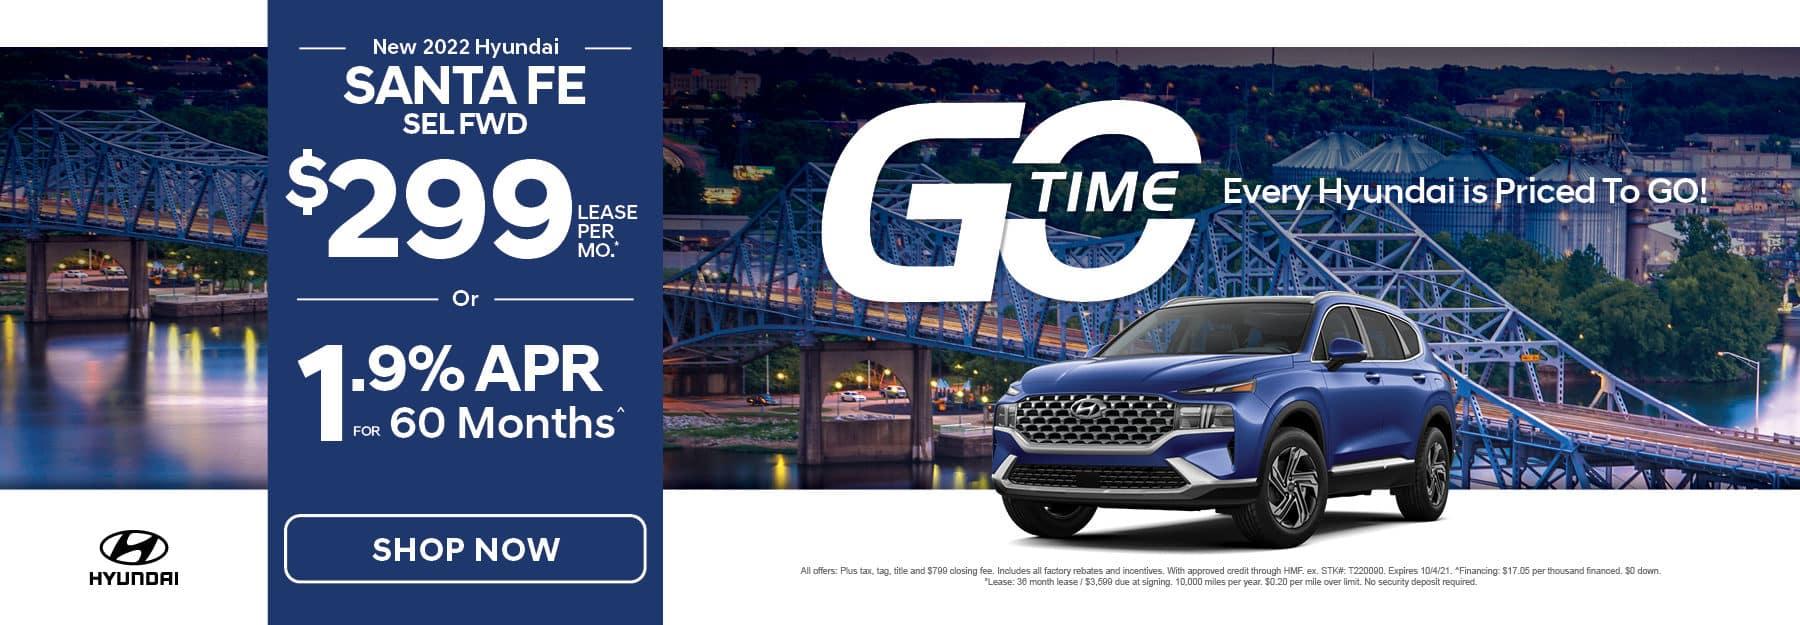 Go Time - New 2021 Hyundai Santa Fe